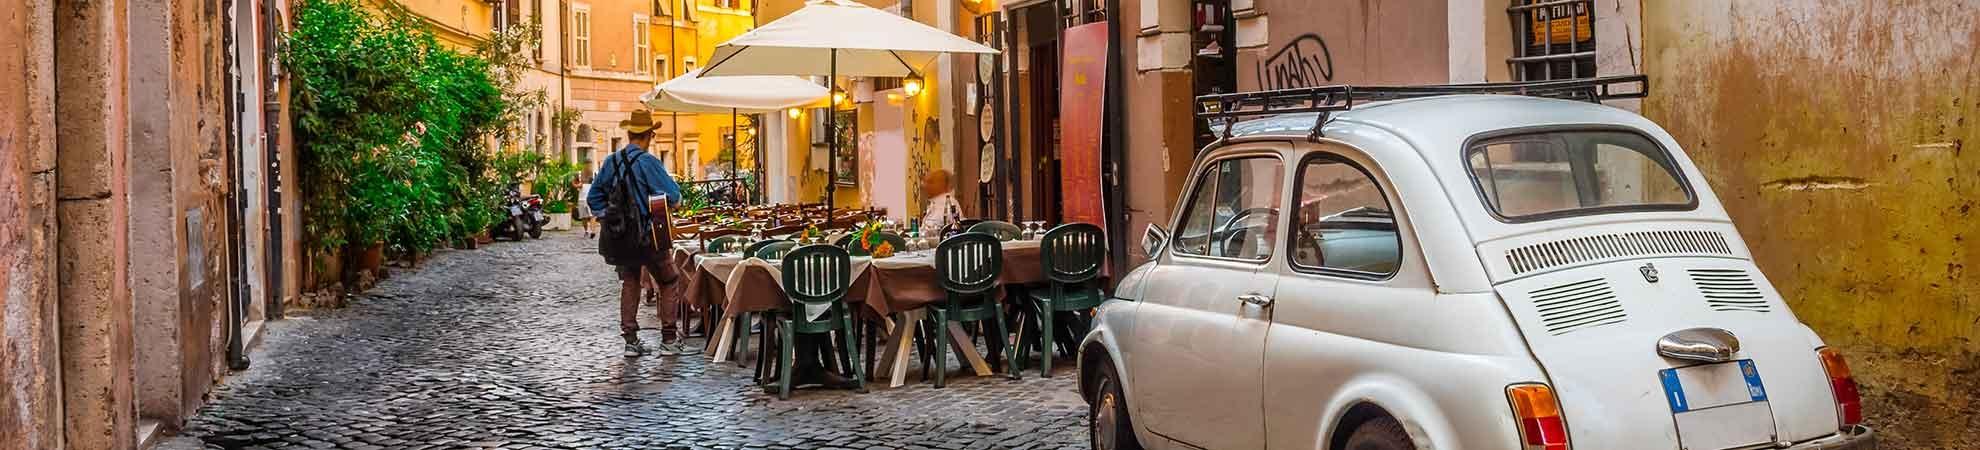 Infos pratiques Italie